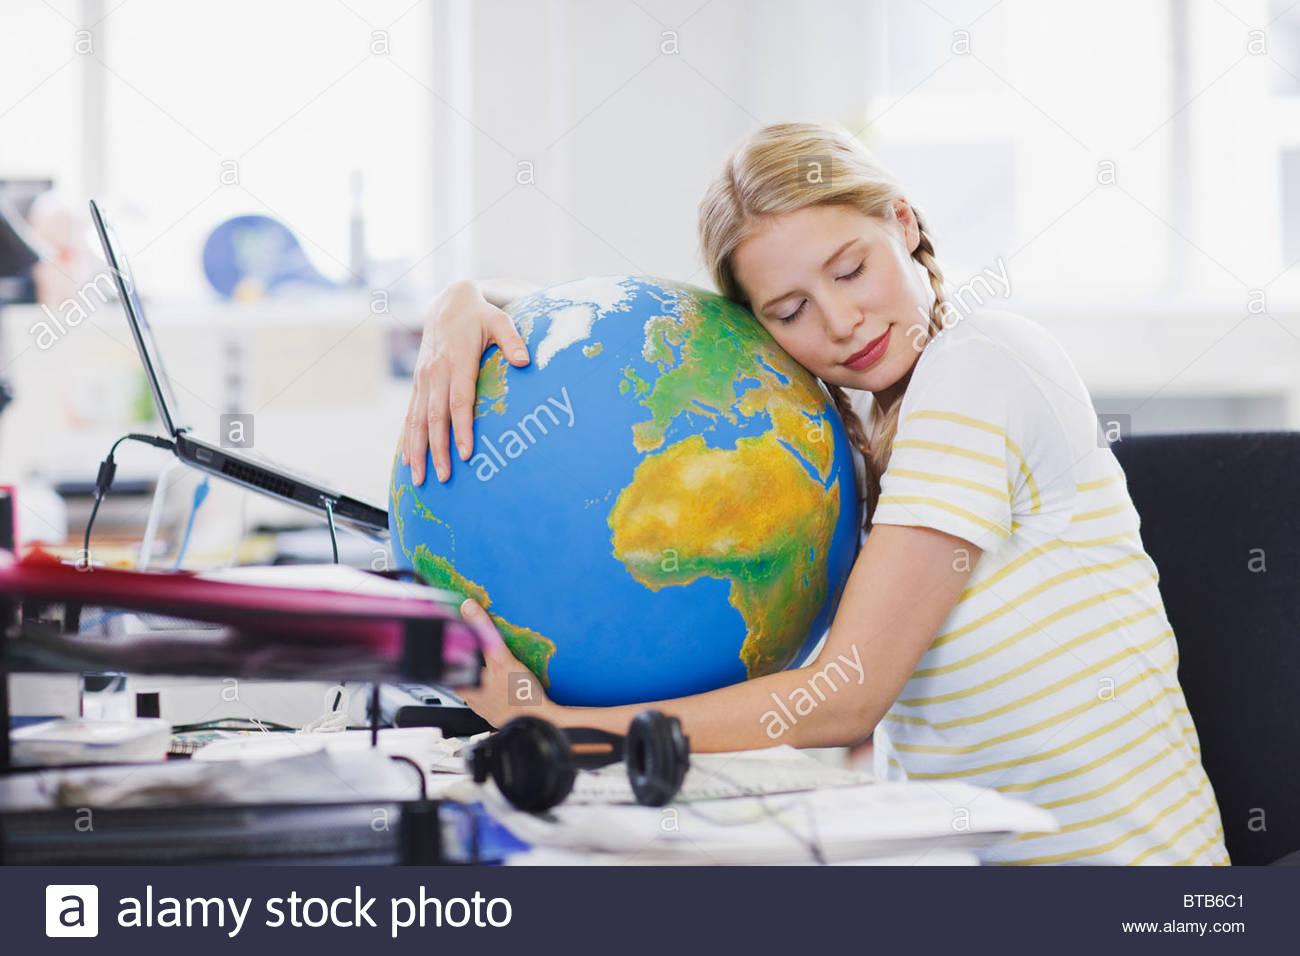 La empresaria con los ojos cerrados abrazando globe en un escritorio en la oficina Imagen De Stock